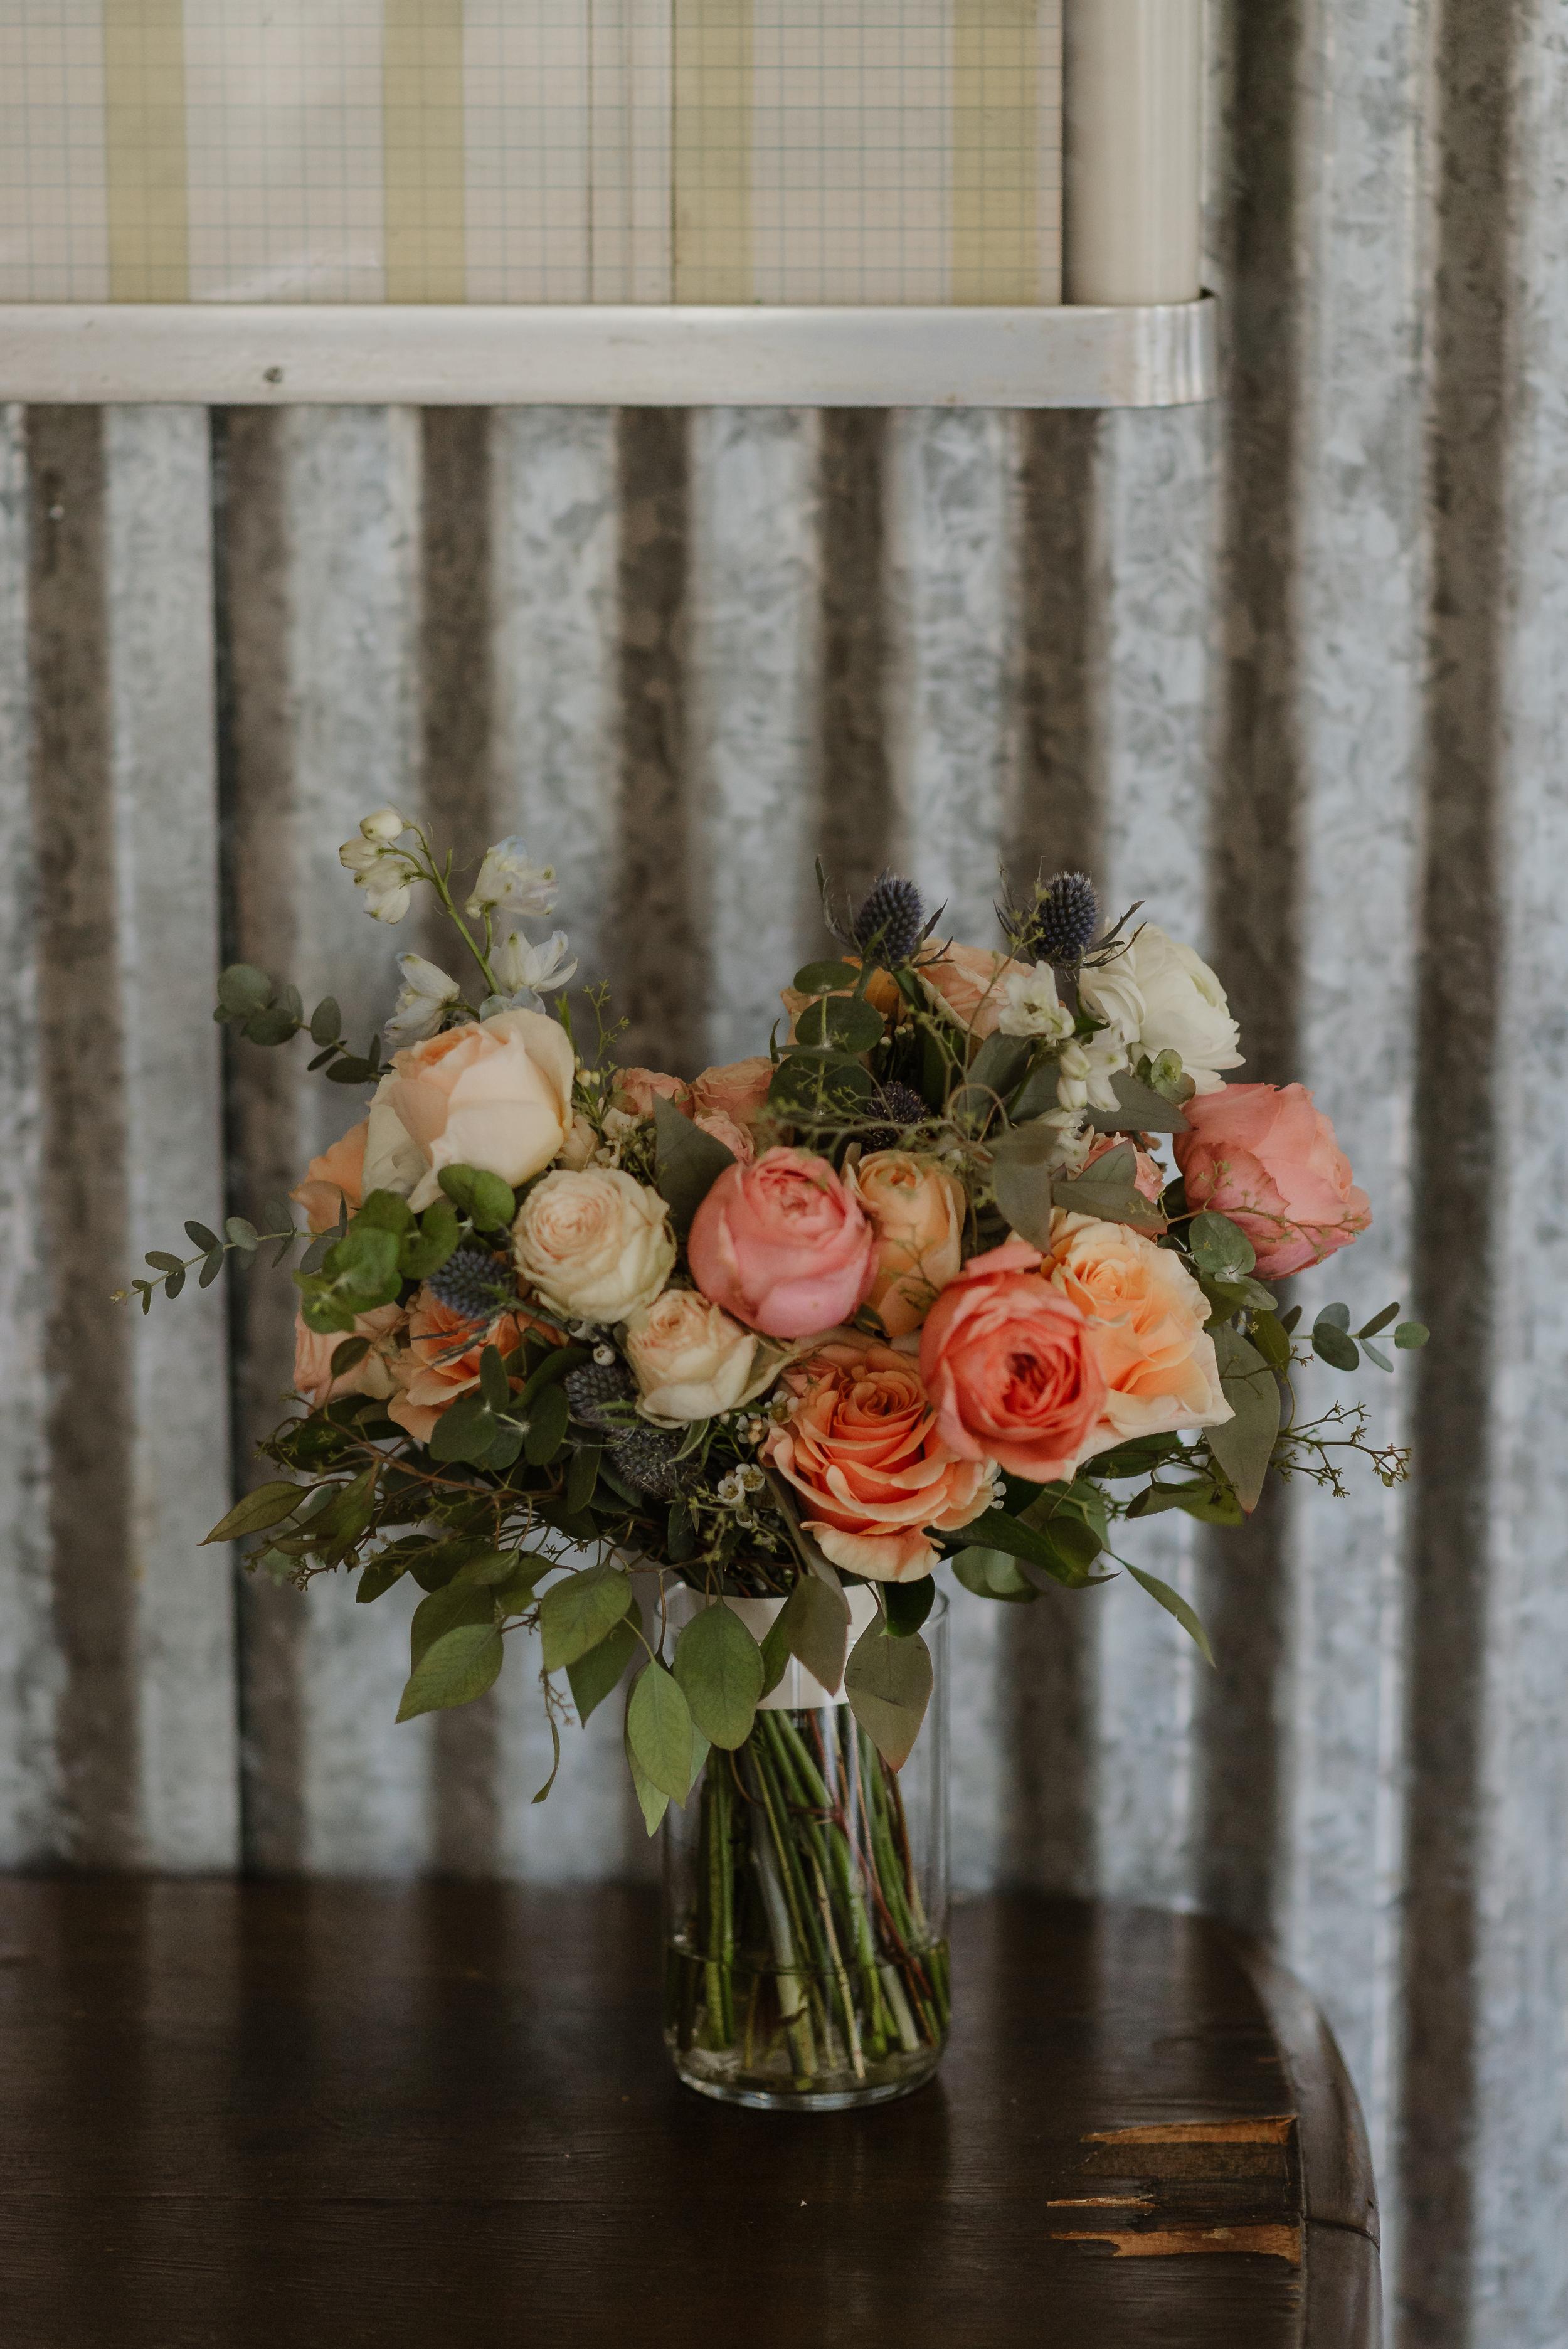 010-san-francisco-headlands-center-for-the-arts-wedding-vivianchen-033.jpg